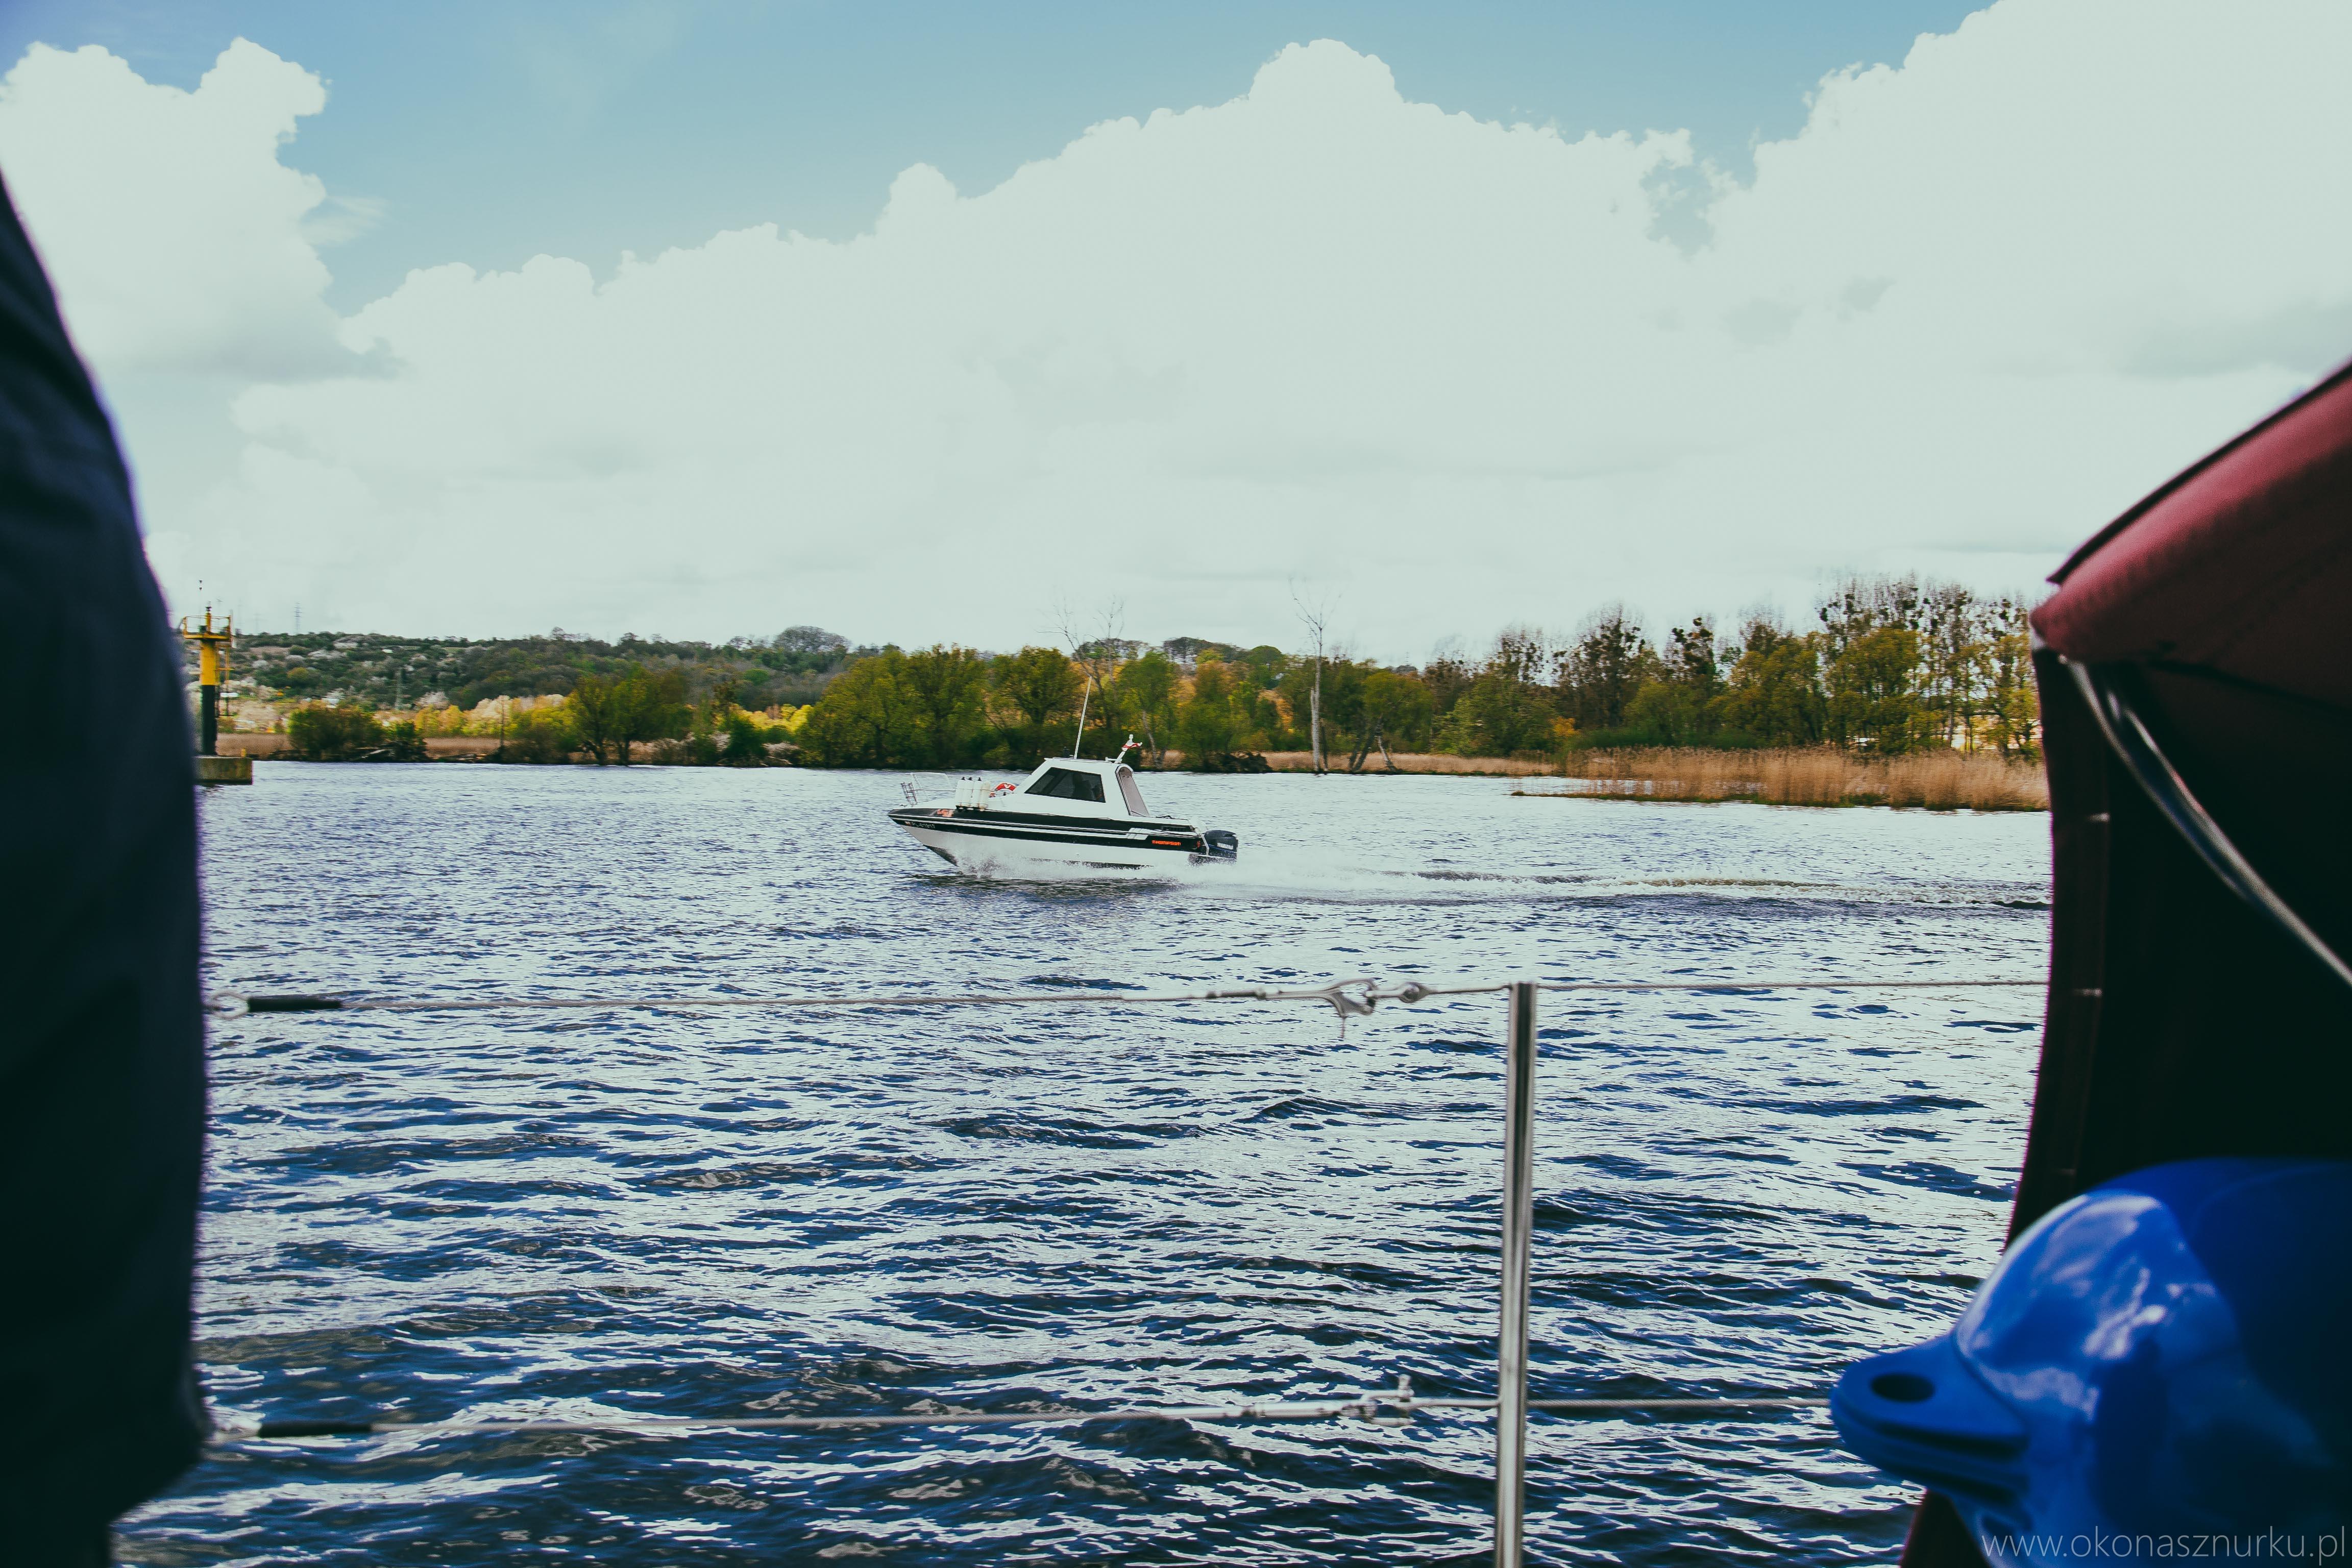 marina-jacht-wyprawy-morskie-silesia-szczecin-goclaw-lubczyna (45)